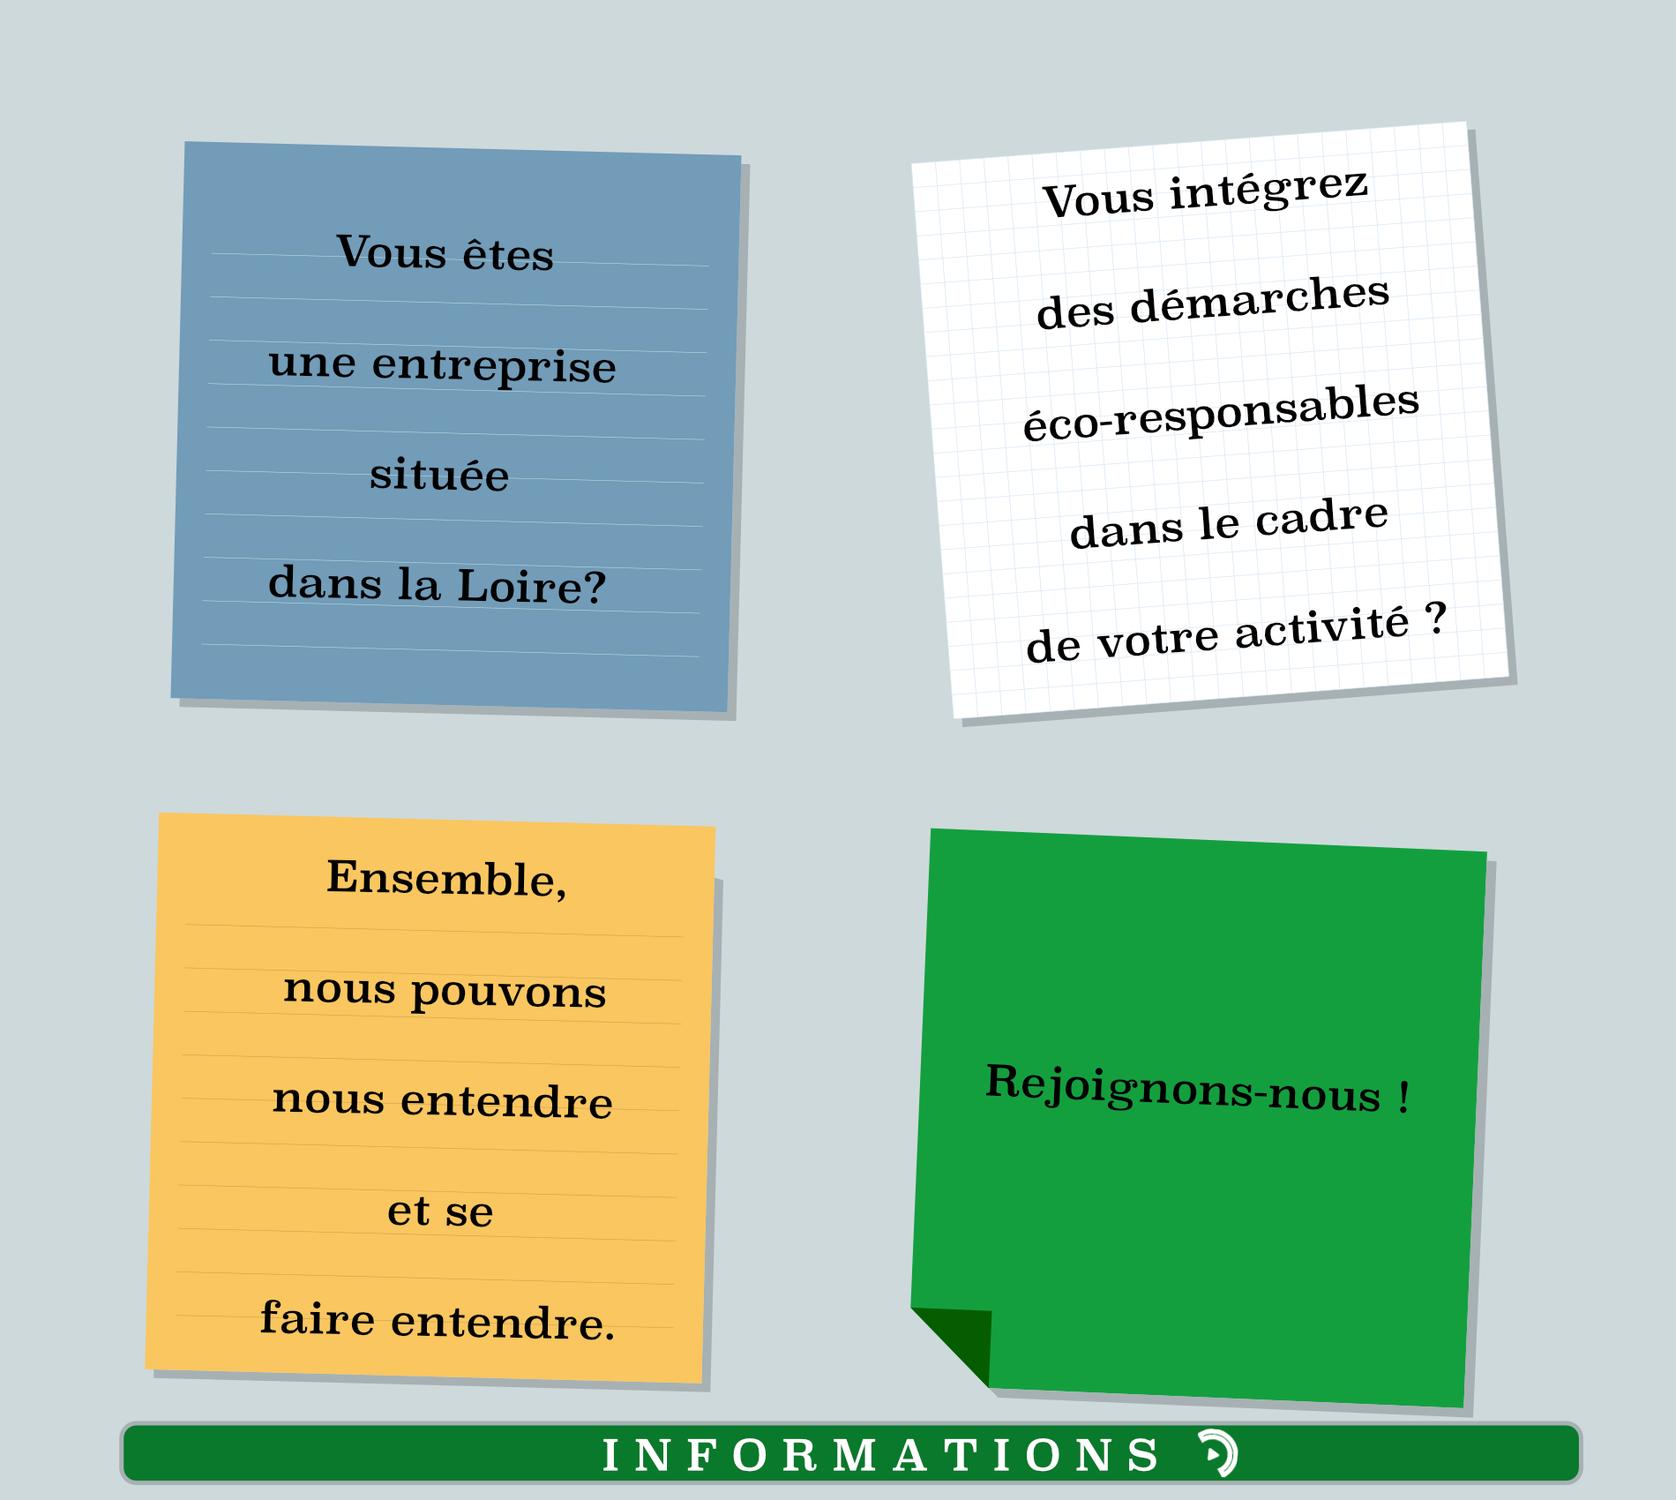 Les entreprises éco-responsables dans la Loire (dépt. 42)